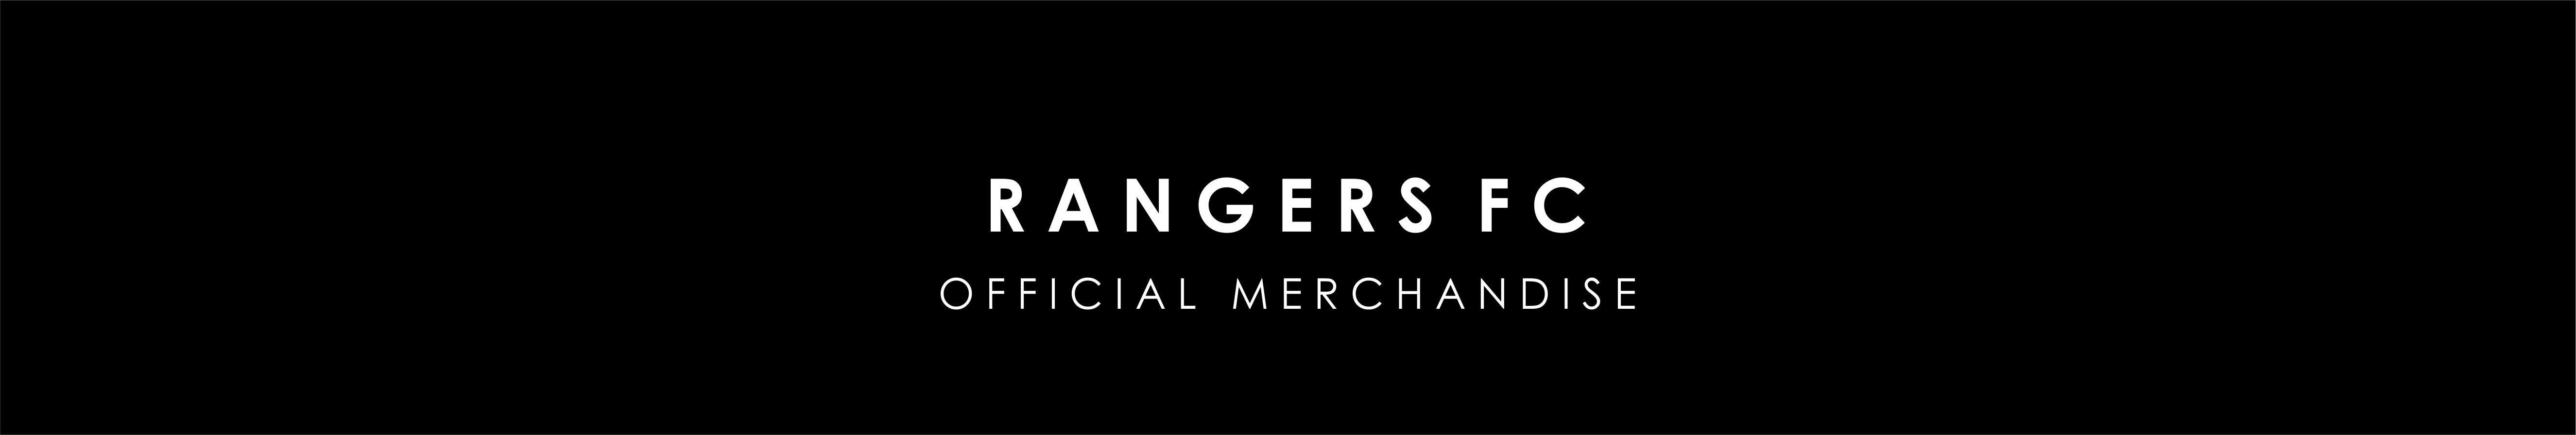 rangers-fc-banner.jpg